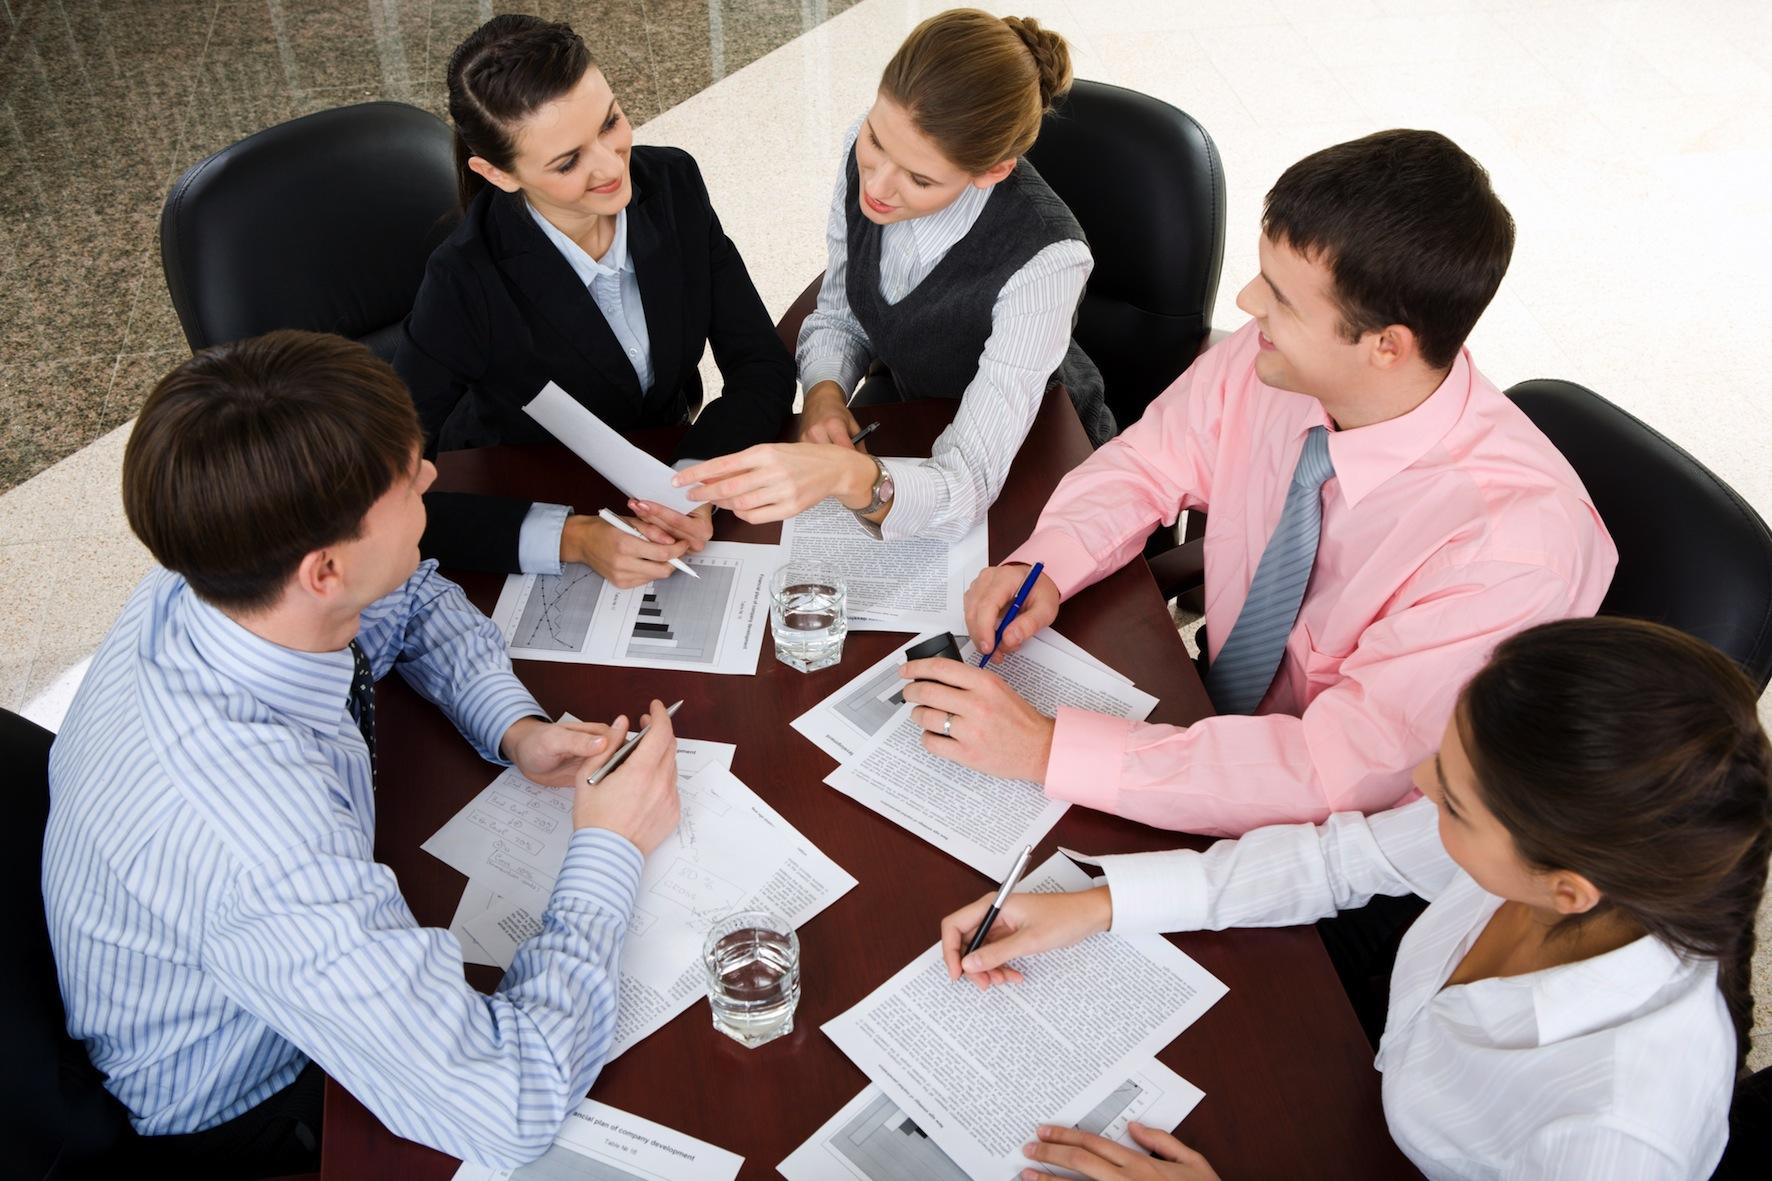 El valor de los equipos de trabajos en la organizaci n for Oficina administrativa definicion